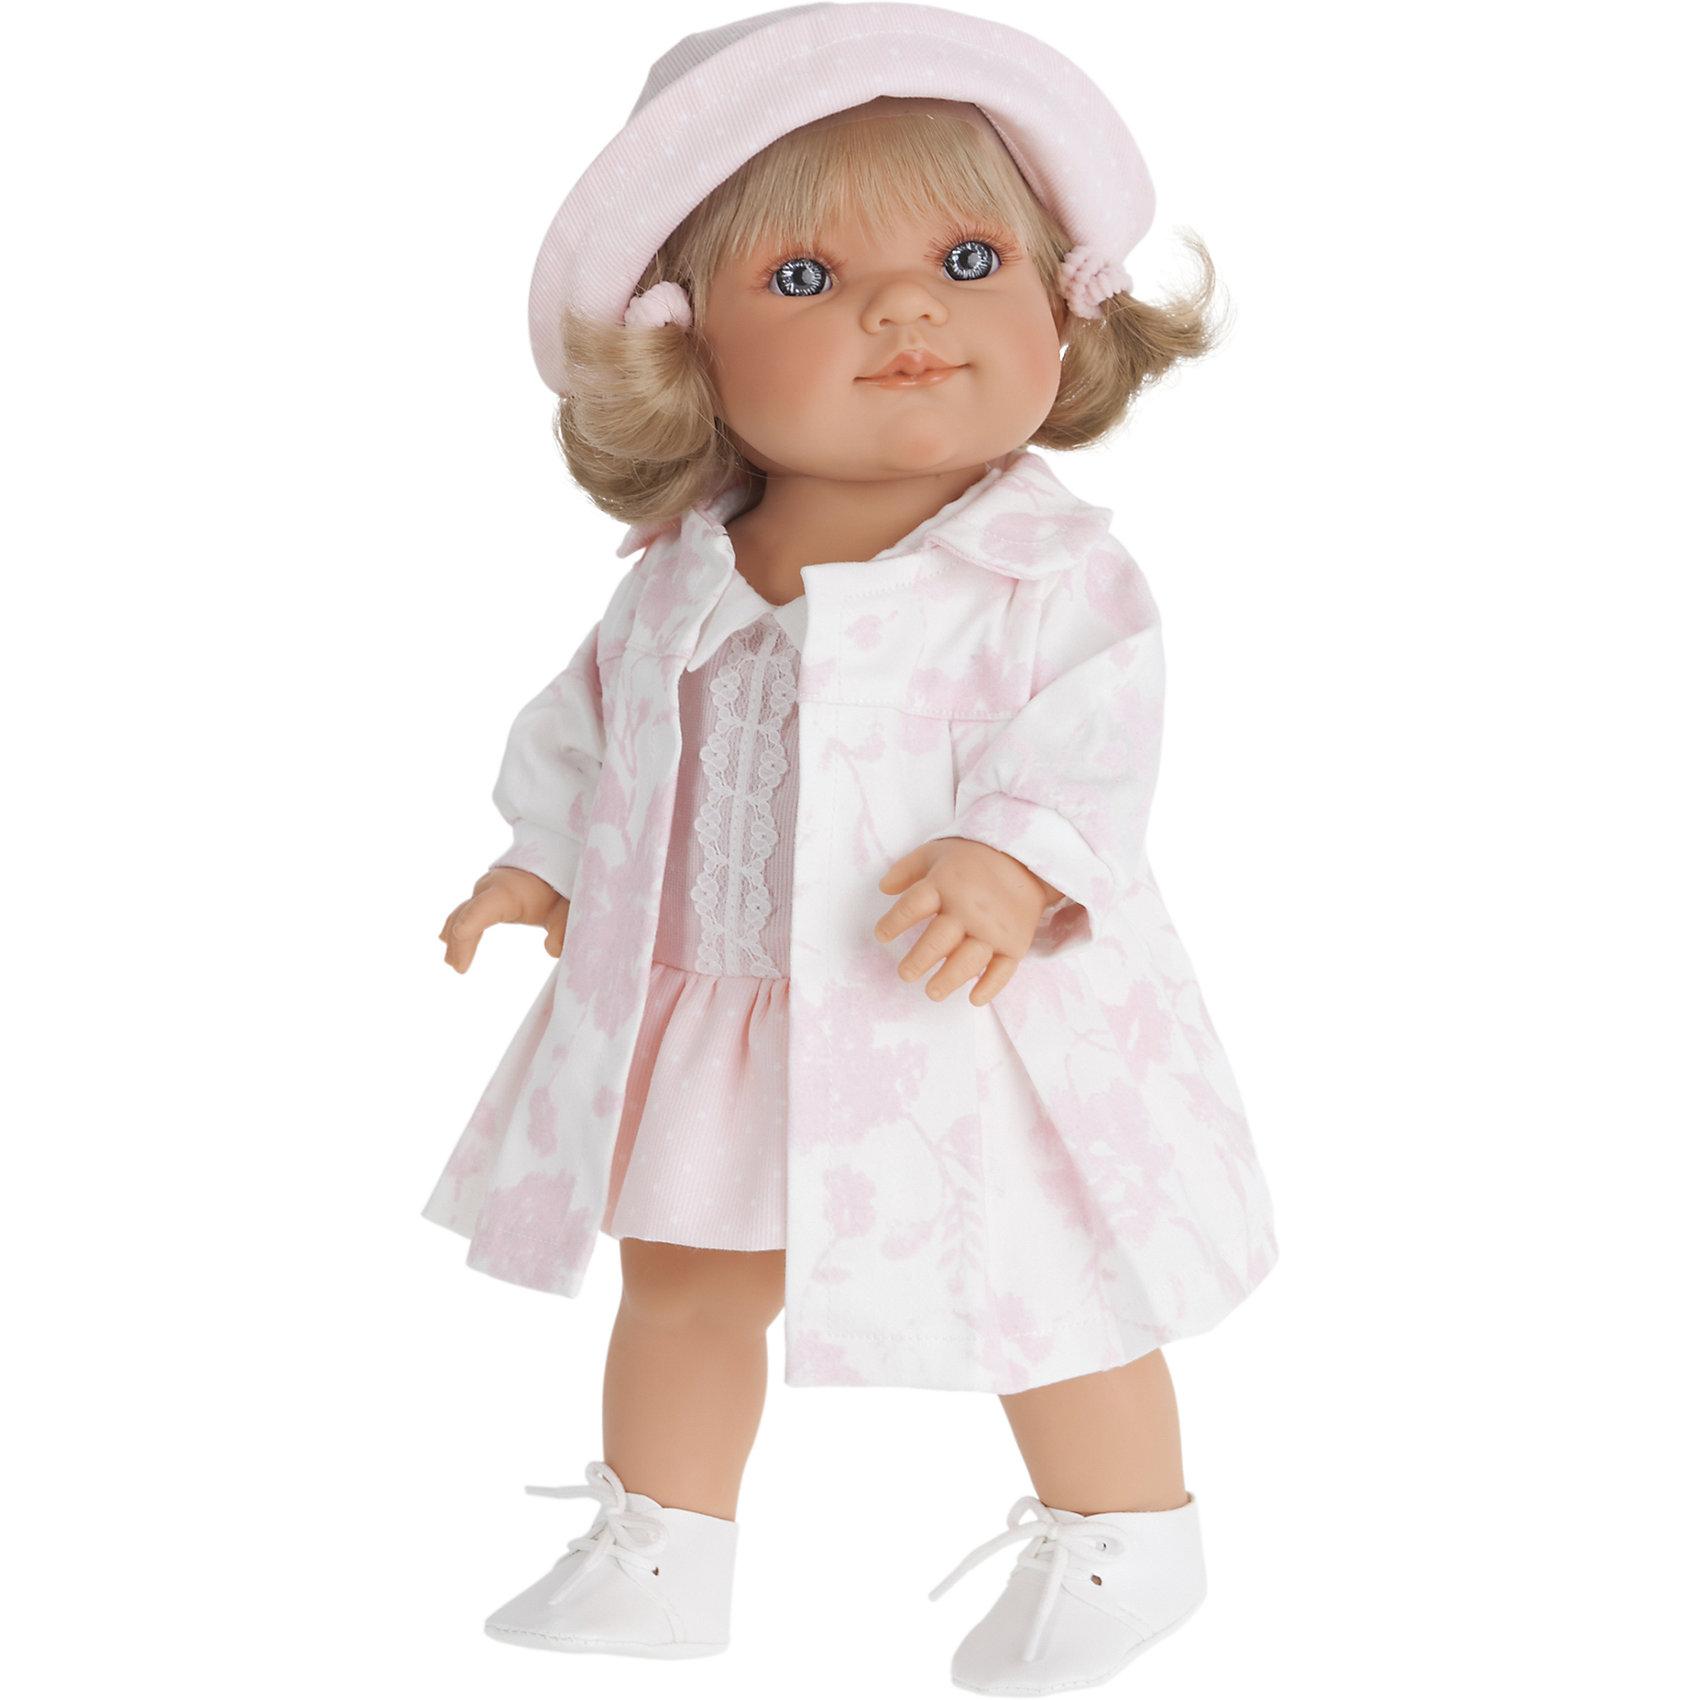 Кукла Ариадна, 38 см, Munecas Antonio JuanКукла Ариадна, 38 см, Munecas Antonio Juan (Мунекас Антонио Хуан) – это высококачественные куклы из Испании, популярные во всем мире.<br>Кукла Ариадна, выглядит совсем как ребенок. Ее серые глаза с пушистыми ресницами и приятная улыбка не оставят вас равнодушными. Вздернутый носик и пухленькие губки добавляют лицу особую выразительность и натуральность. Светлые пепельные волосы Ариадны, завязанные в хвостики и украшенные розовыми резиночками, выглядят как настоящие, их можно расчесывать и заплетать в разнообразные прически. Ариадна выполнена с поразительной детализацией, вплоть до ноготочков и складочек на теле. Тело куклы полностью виниловое, ее можно купать. Руки, ноги и голова подвижны. Глаза не закрываются. Ариадна одета нежно-розовое платьице с кружевом и воротничком, легкий плащик с фактурным цветочным рисунком и розовую панамку. На ногах - белые ботиночки на шнурках. Образы малышей Мунекас разработаны известными европейскими дизайнерами. Они натуралистичны, анатомически точны, копируют настоящих младенцев. Изготовлены из высококачественных материалов не вызывающих аллергических реакций.<br><br>Дополнительная информация:<br><br>- Высота куклы: 38 см.<br>- Материал: текстиль, высококачественный винил<br>- Упаковка: подарочная коробка<br>- Размер упаковки: 24,5х12х44 см.<br>- Вес: 1117 гр.<br><br>Куклу Ариадна, 38 см, Munecas Antonio Juan (Мунекас Антонио Хуан) можно купить в нашем интернет-магазине.<br><br>Ширина мм: 245<br>Глубина мм: 120<br>Высота мм: 440<br>Вес г: 1117<br>Возраст от месяцев: 36<br>Возраст до месяцев: 84<br>Пол: Женский<br>Возраст: Детский<br>SKU: 4347294